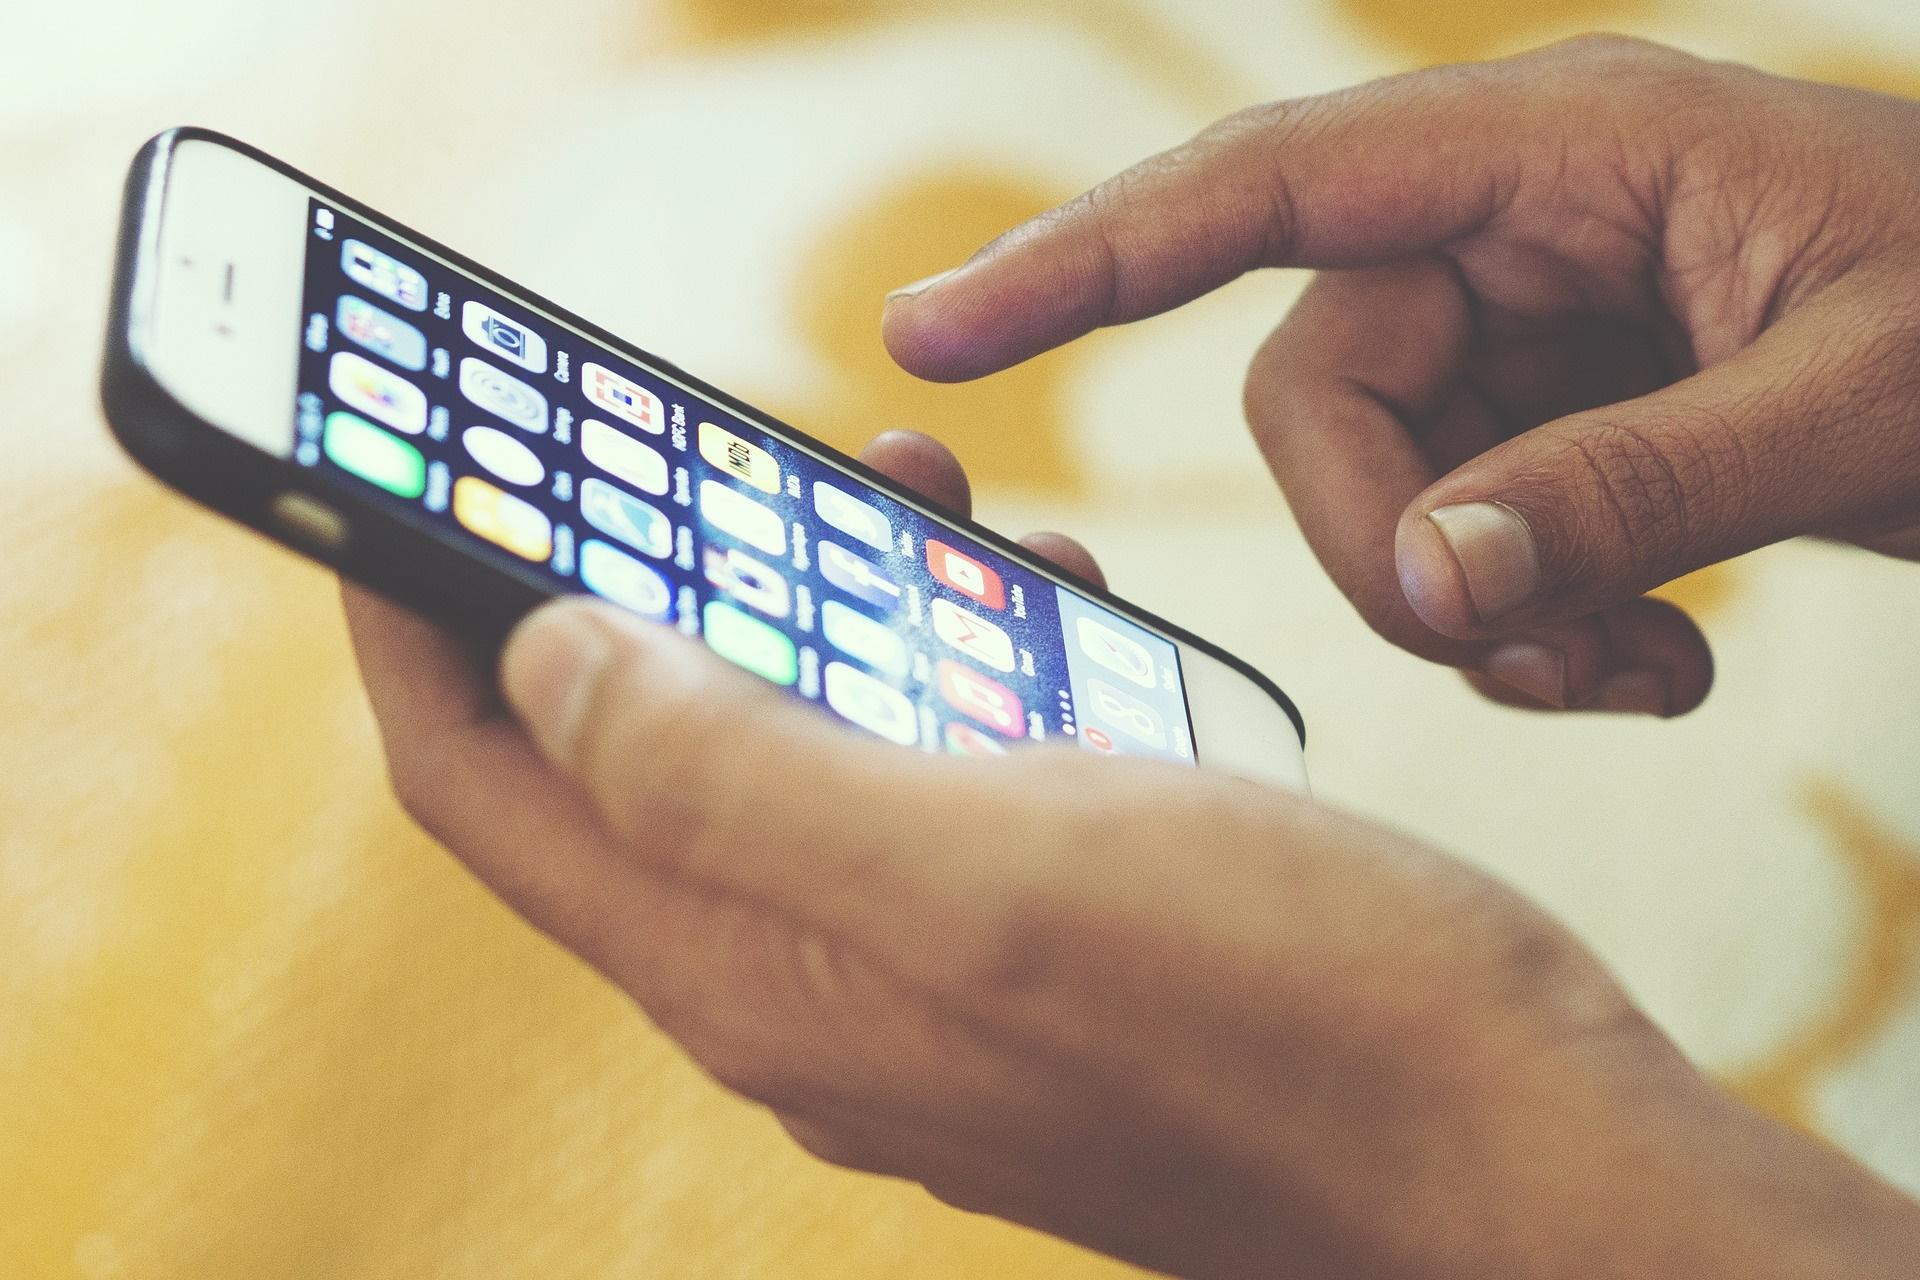 Imagem de iOS 11 apresenta lentidão gasta bateria 2 vezes mais rápido do que iOS 10 no tecmundo